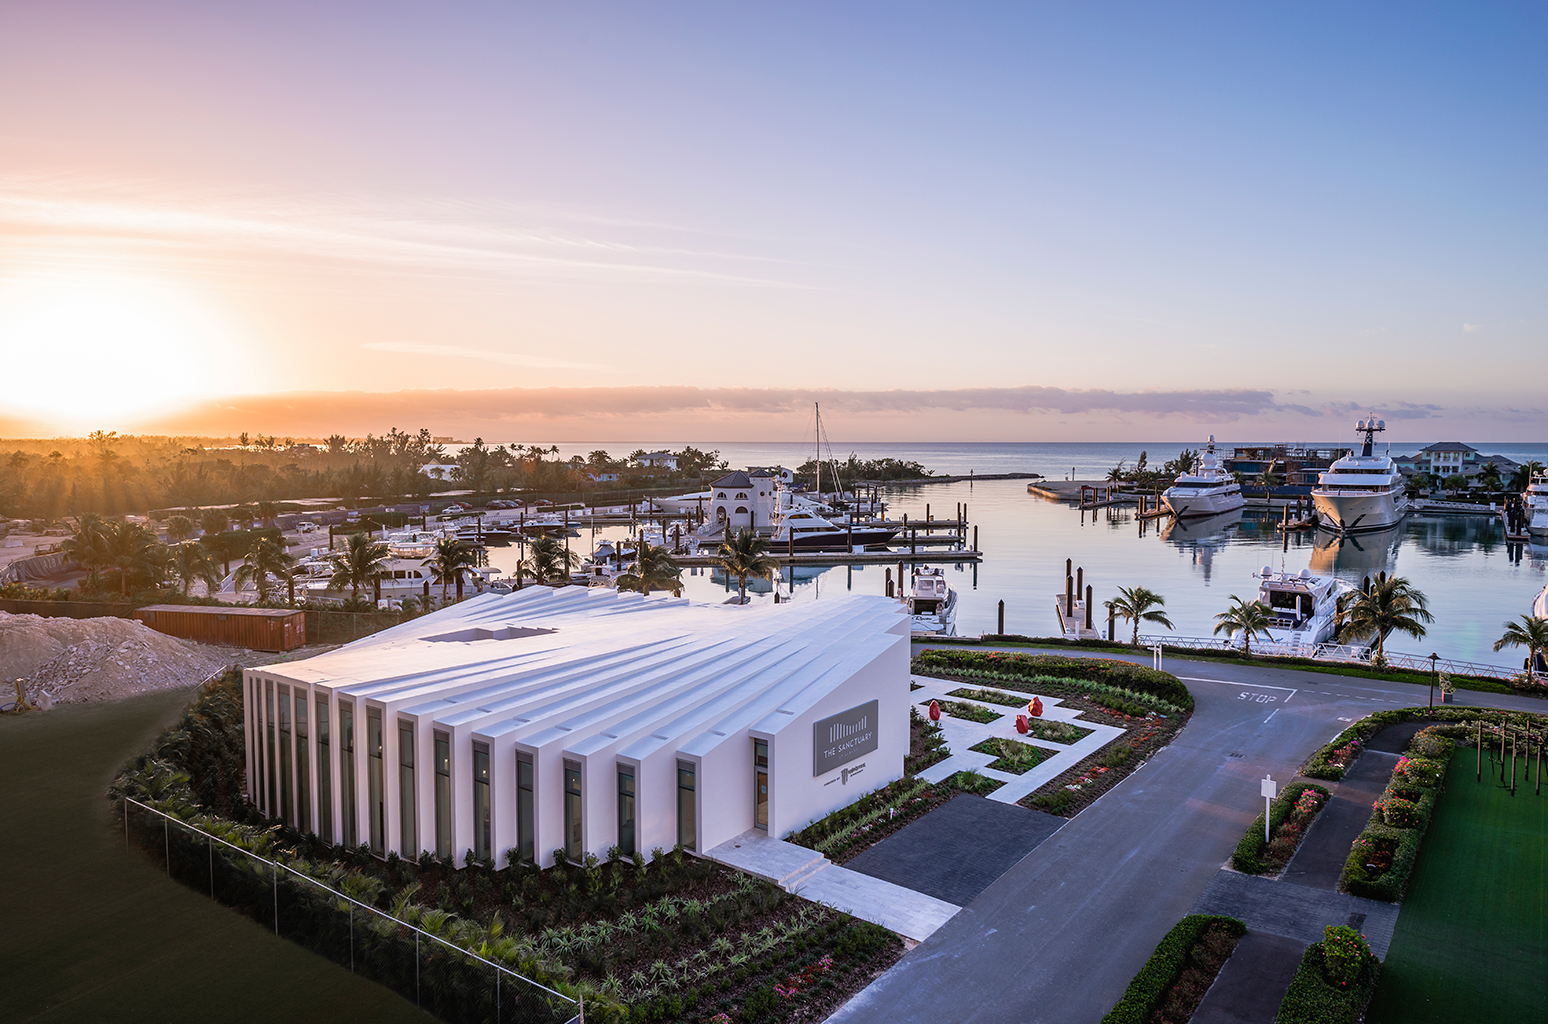 sanctuary-albany-marina-sweet-escape-yacht-charter-luxury-destinations-marina-bahamas